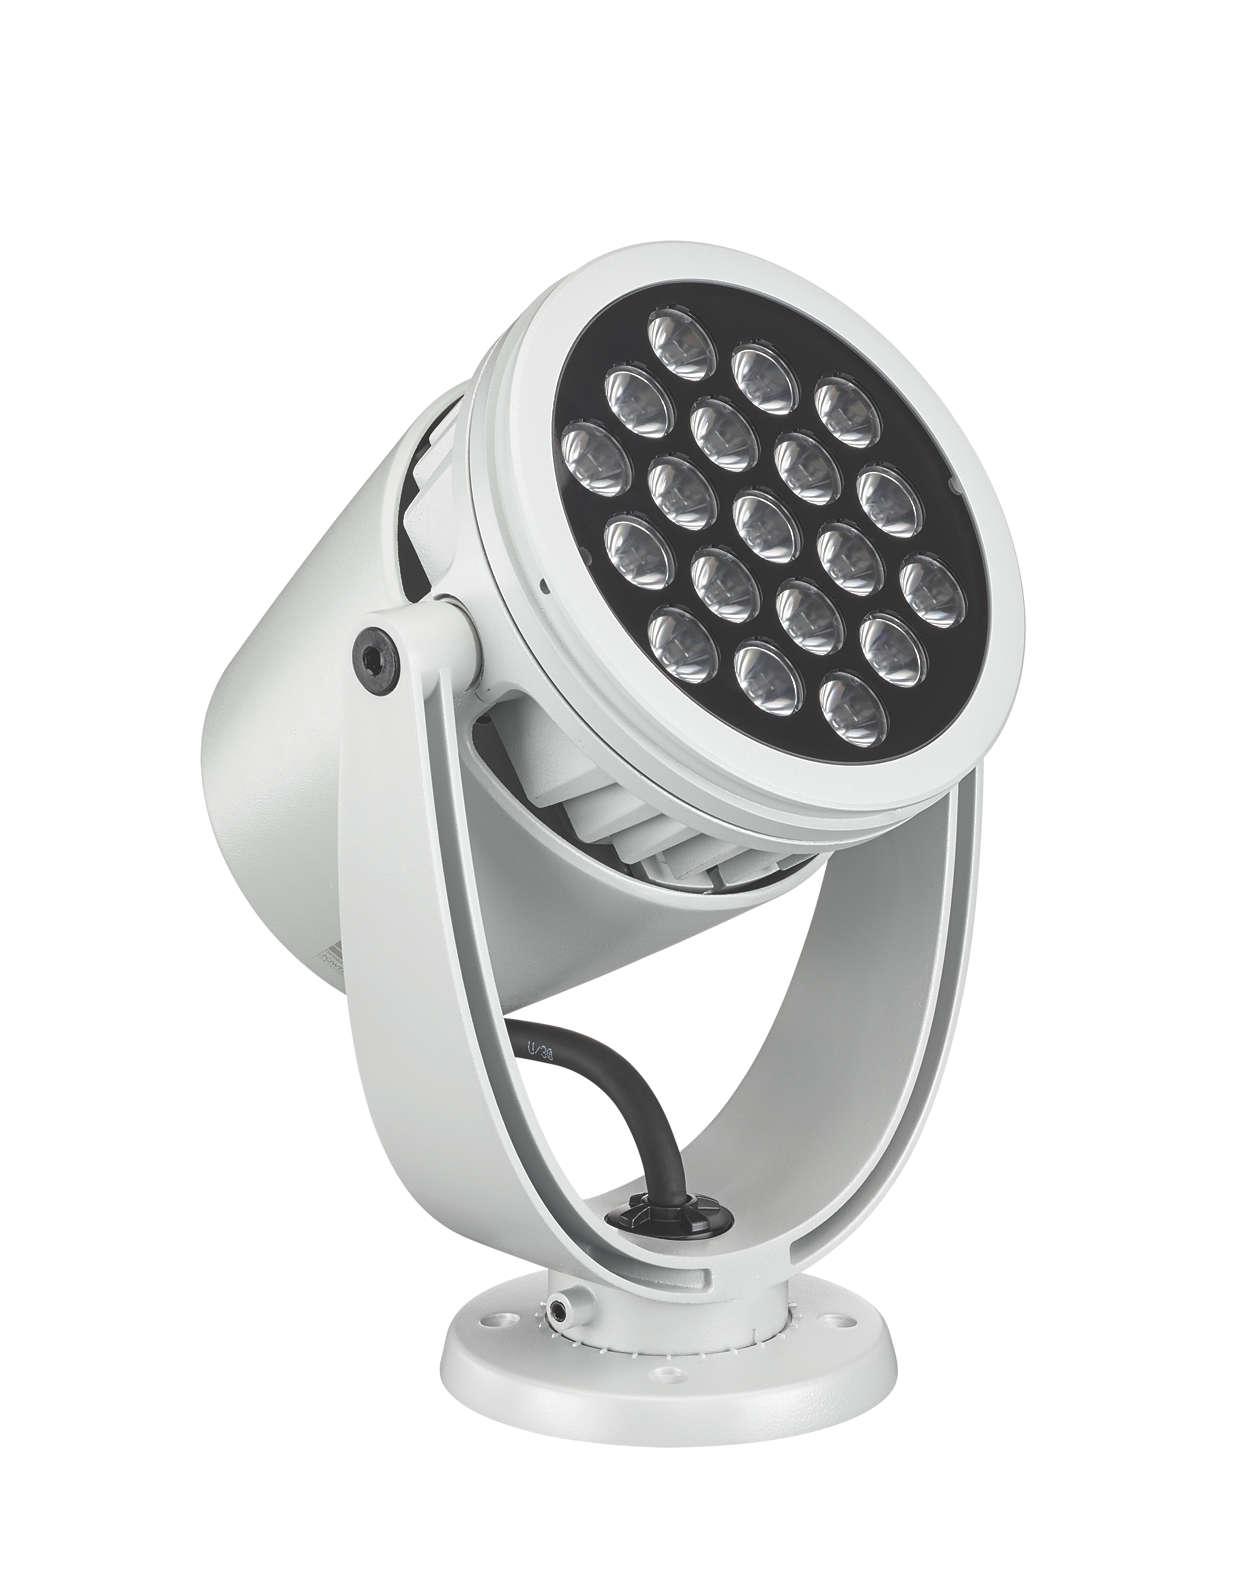 Architecturale LED-spotlight met intelligent gekleurd licht